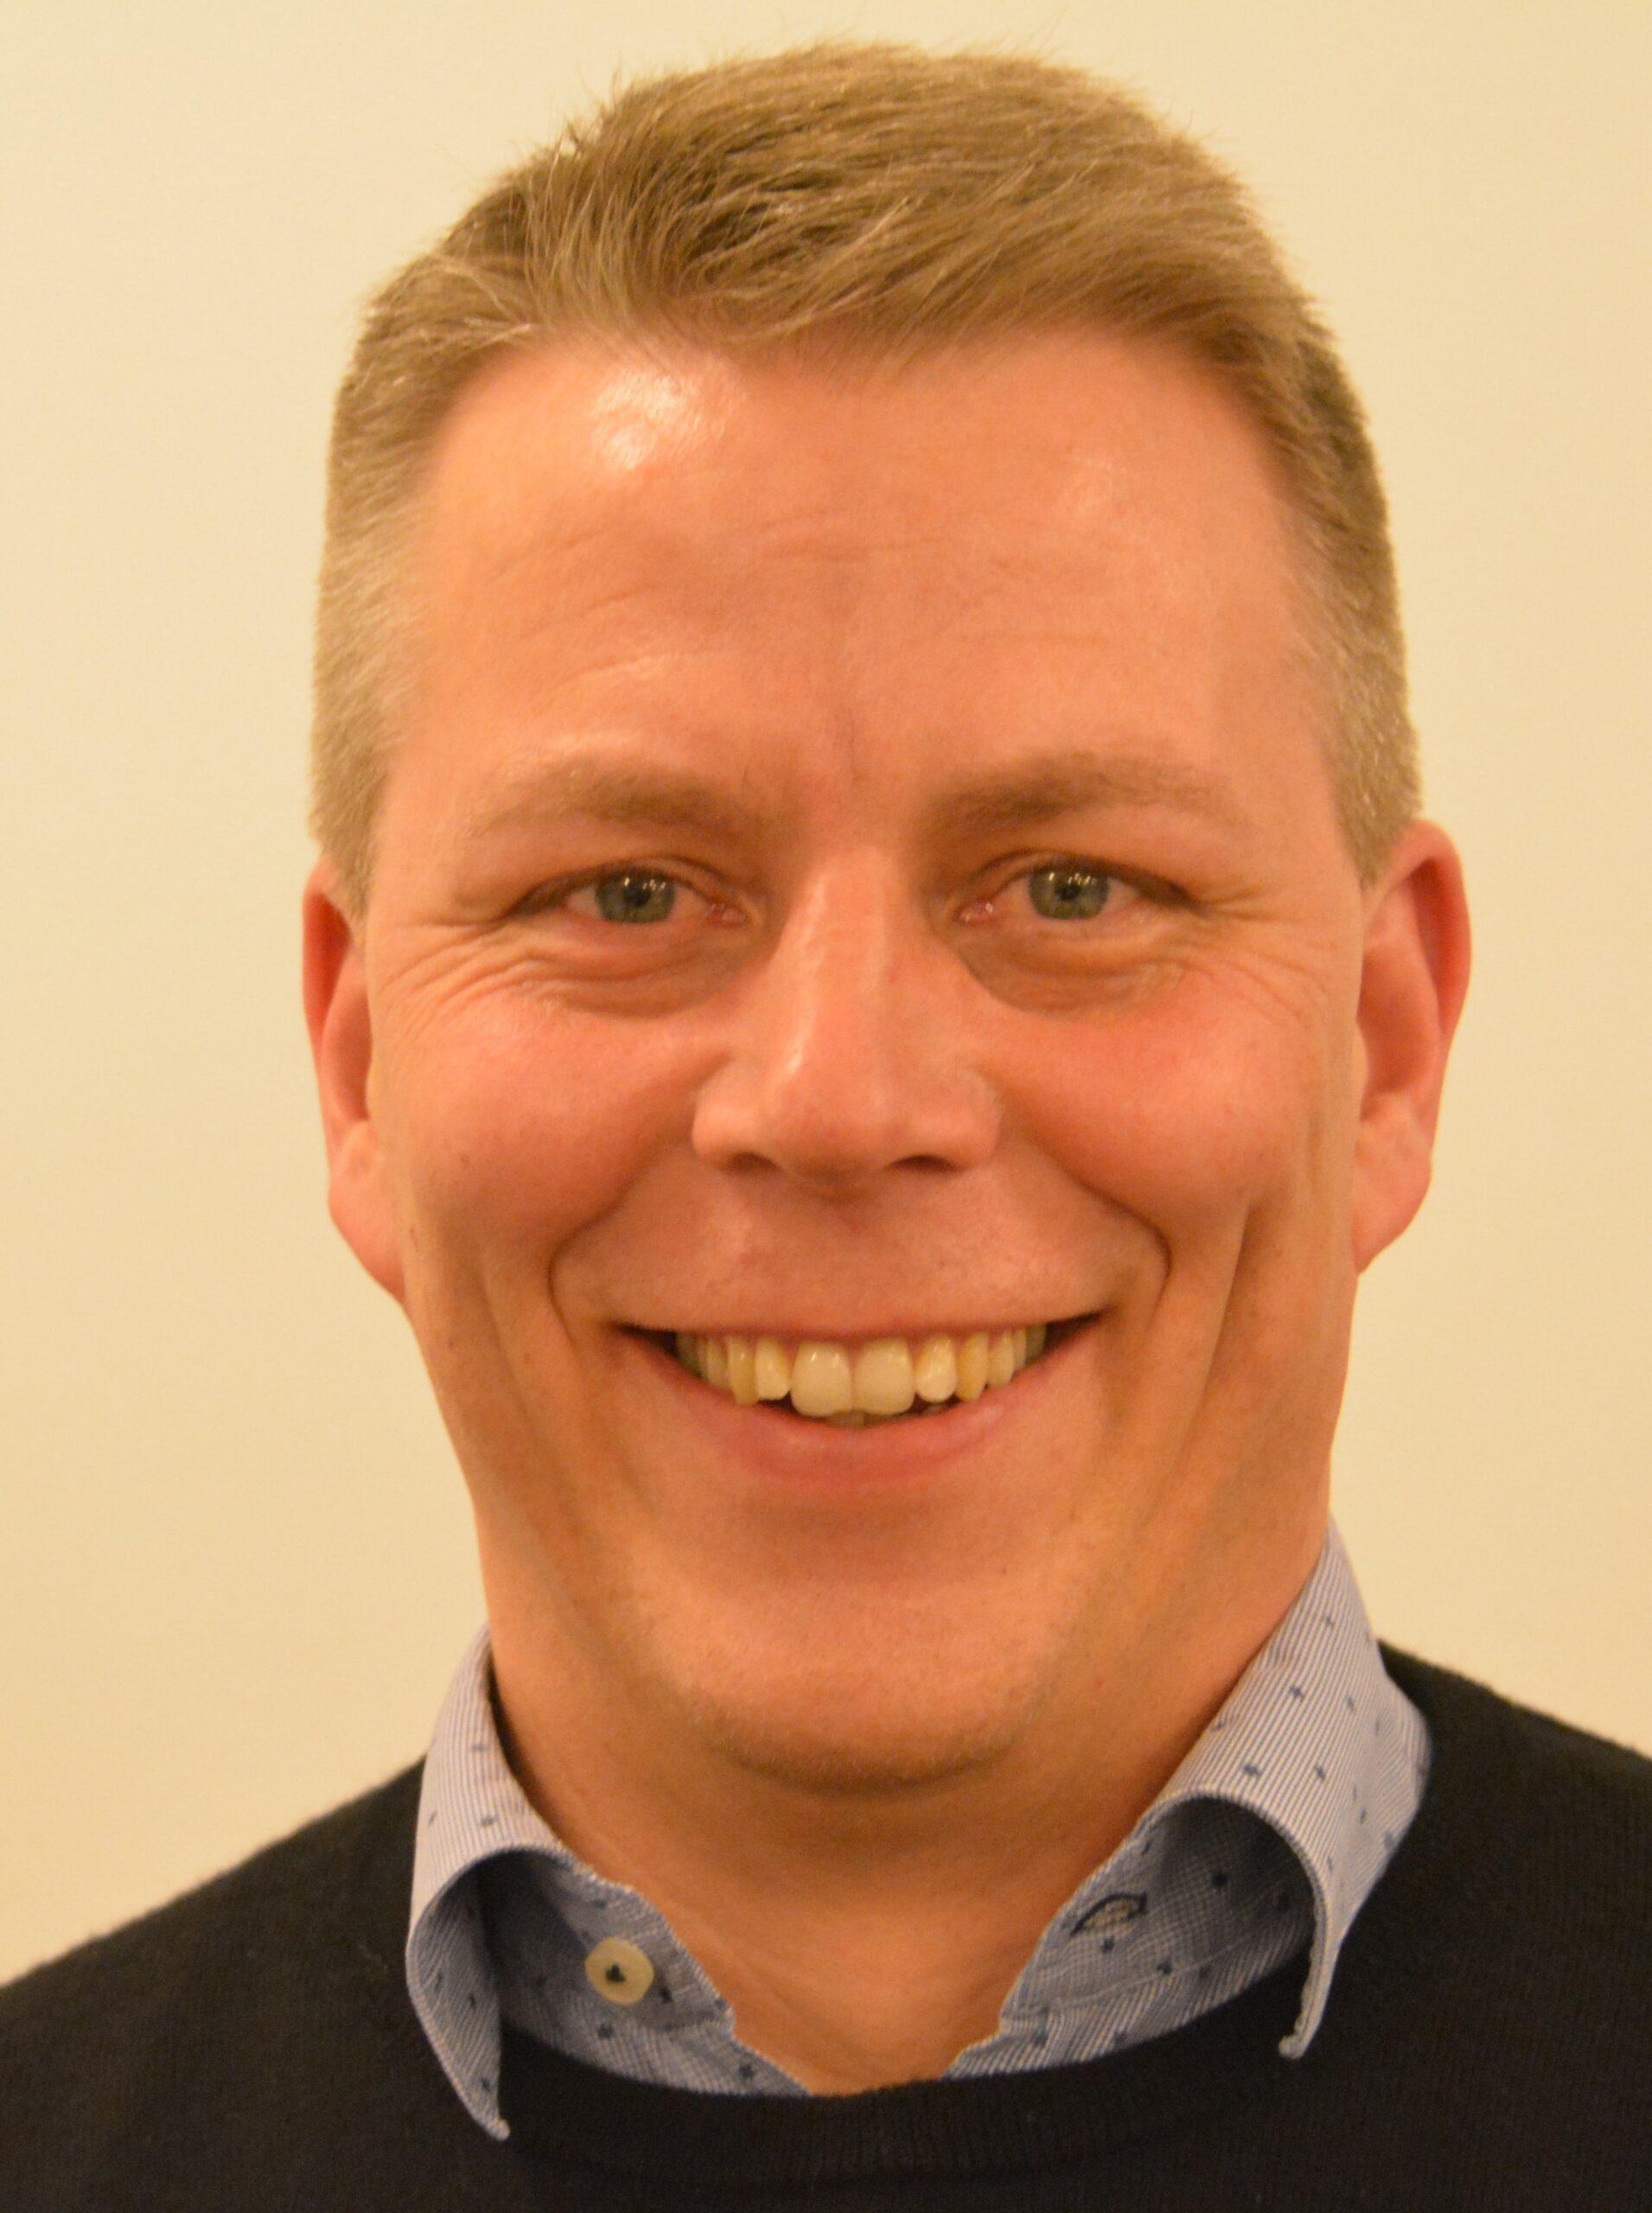 Christian Blæsbjerg